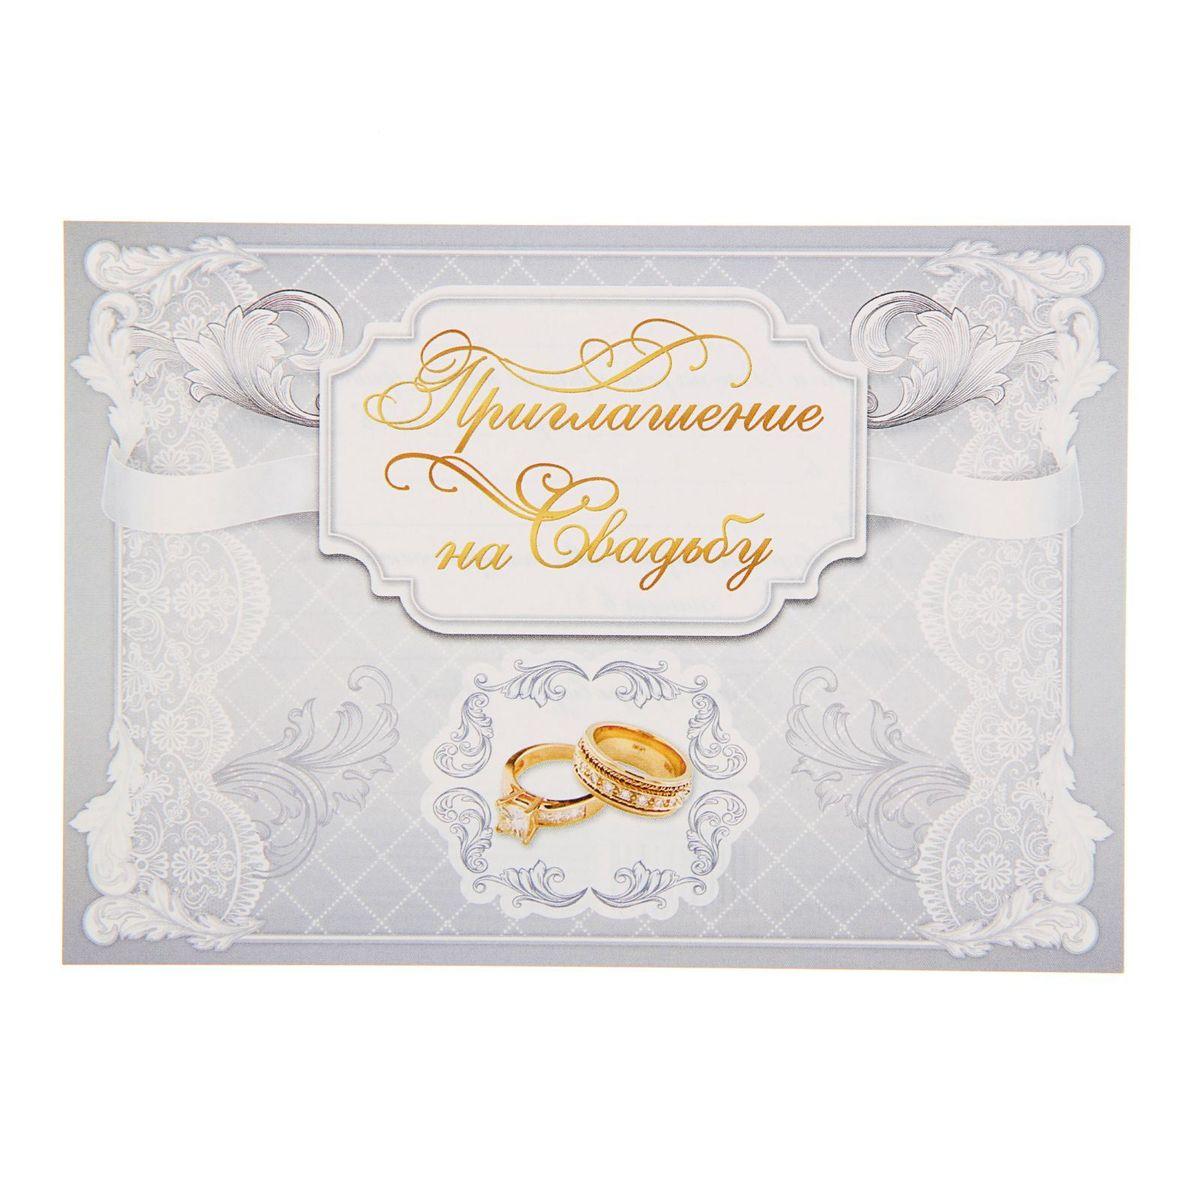 Sima-land Приглашение на свадьбу Белое кружево, 10,5 х 15 см.1338643Свадьба — одно из главных событий в жизни каждого человека. Для идеального торжества необходимо продумать каждую мелочь. Родным и близким будет приятно получить индивидуальную красивую открытку с эксклюзивным дизайном.